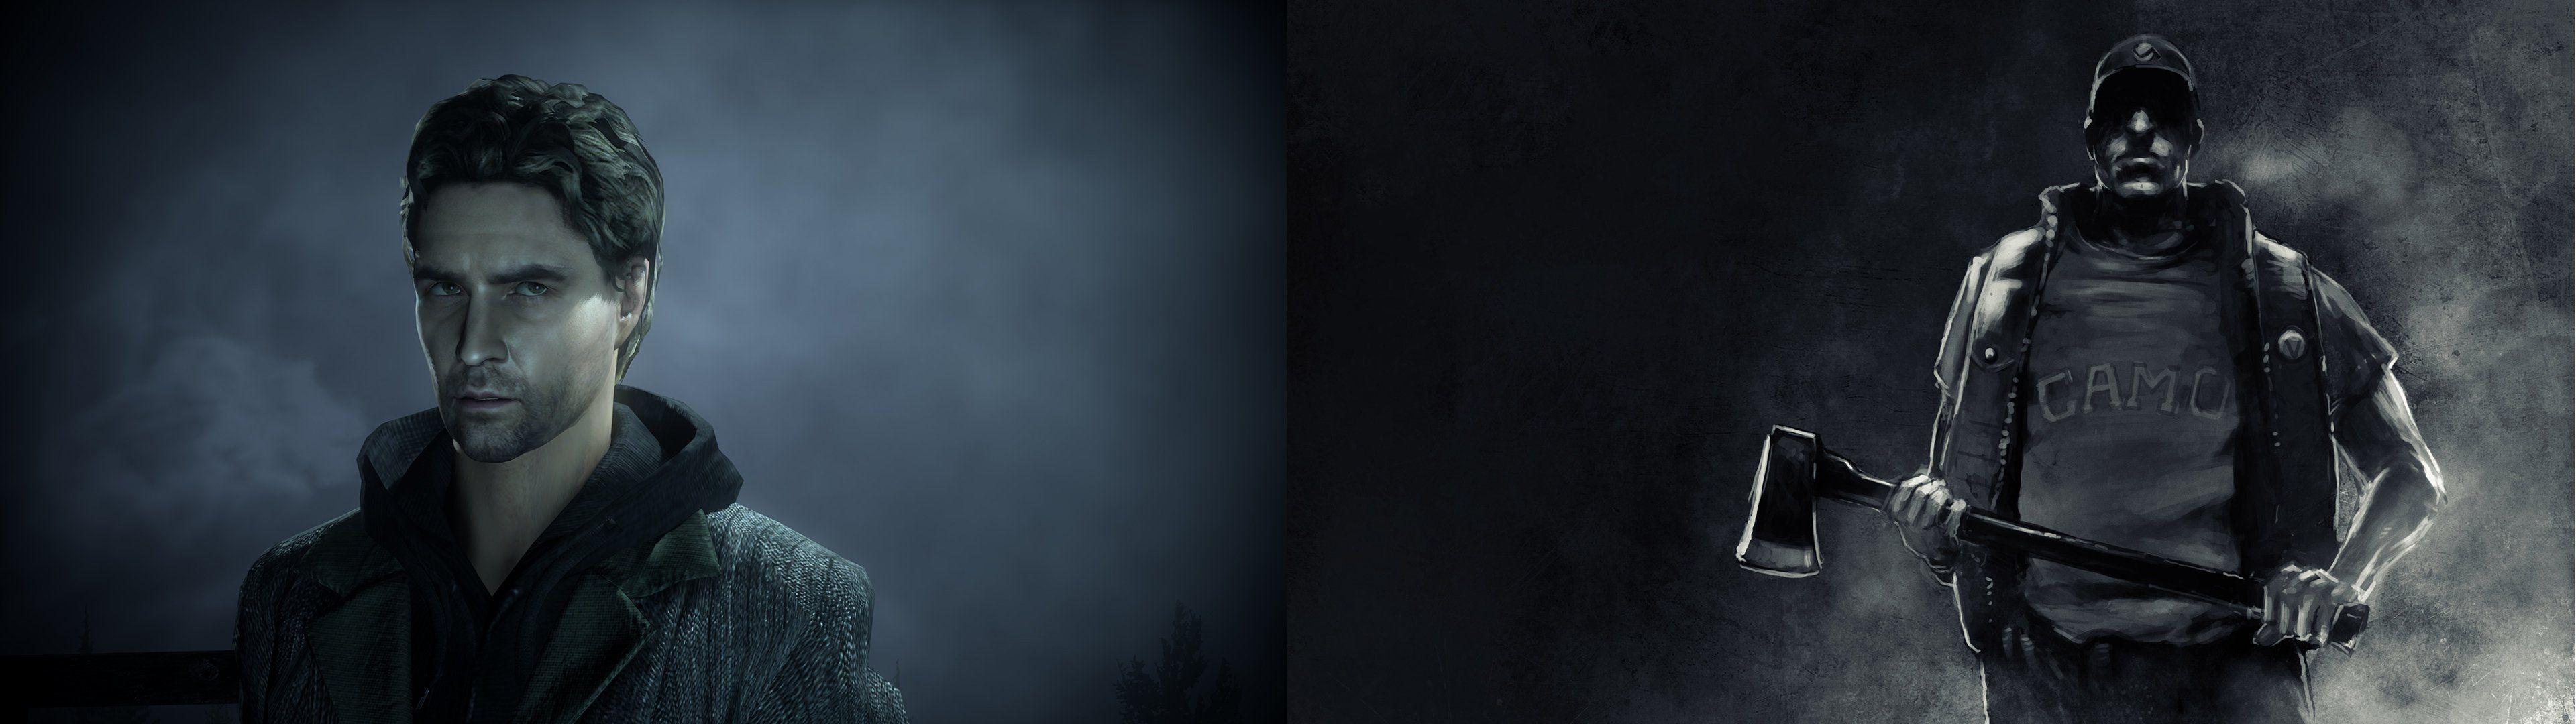 Top Wallpaper Harry Potter Dual Screen - d9c19830ab2280371747561bc0b89ea8  Image_426047.jpg